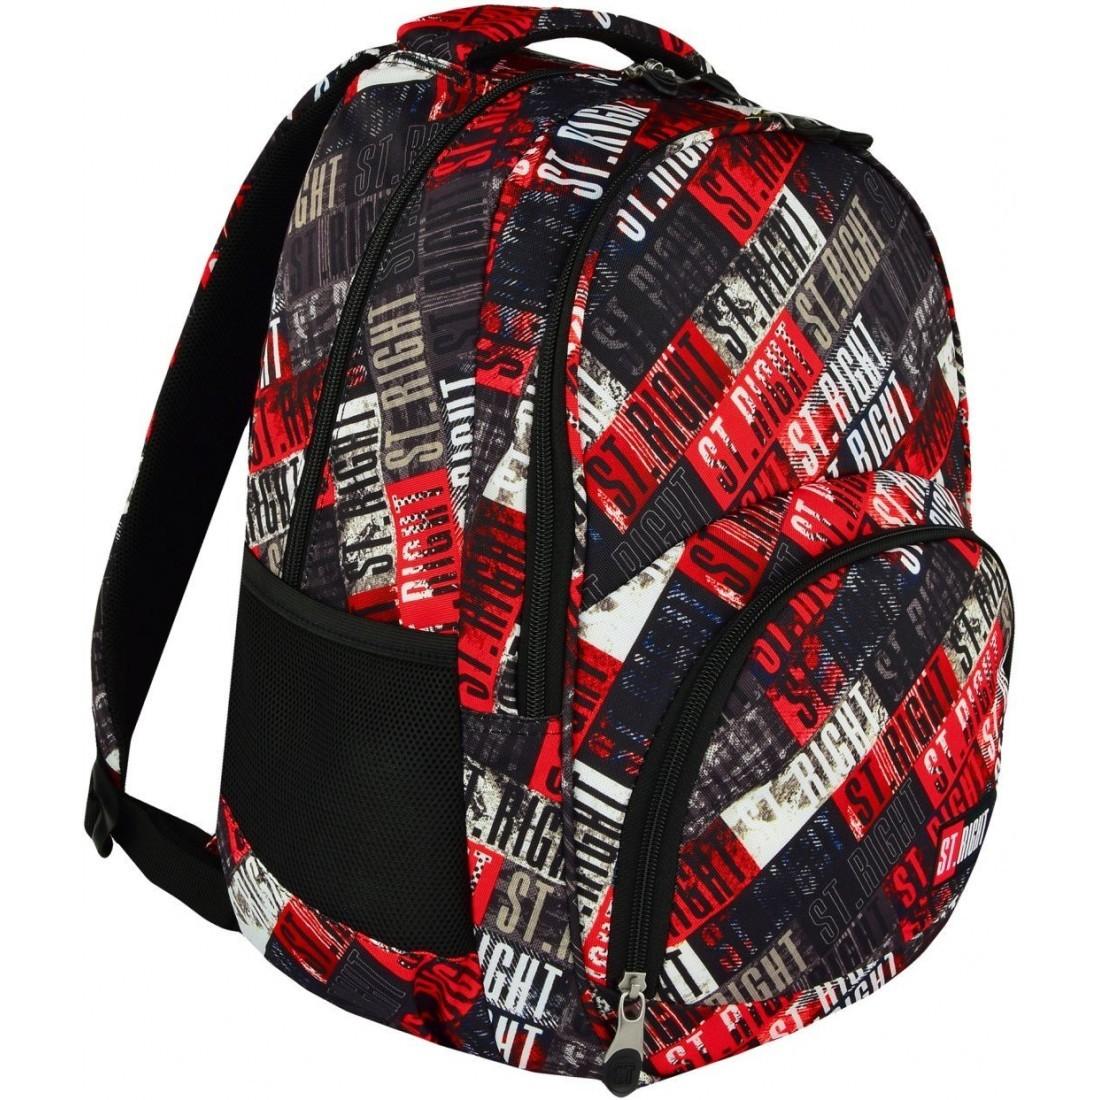 4f1427142c8c2 Plecak szkolny 23 ST.RIGHT ST.GRUNGE napisy fullprint młodzieżowy ...